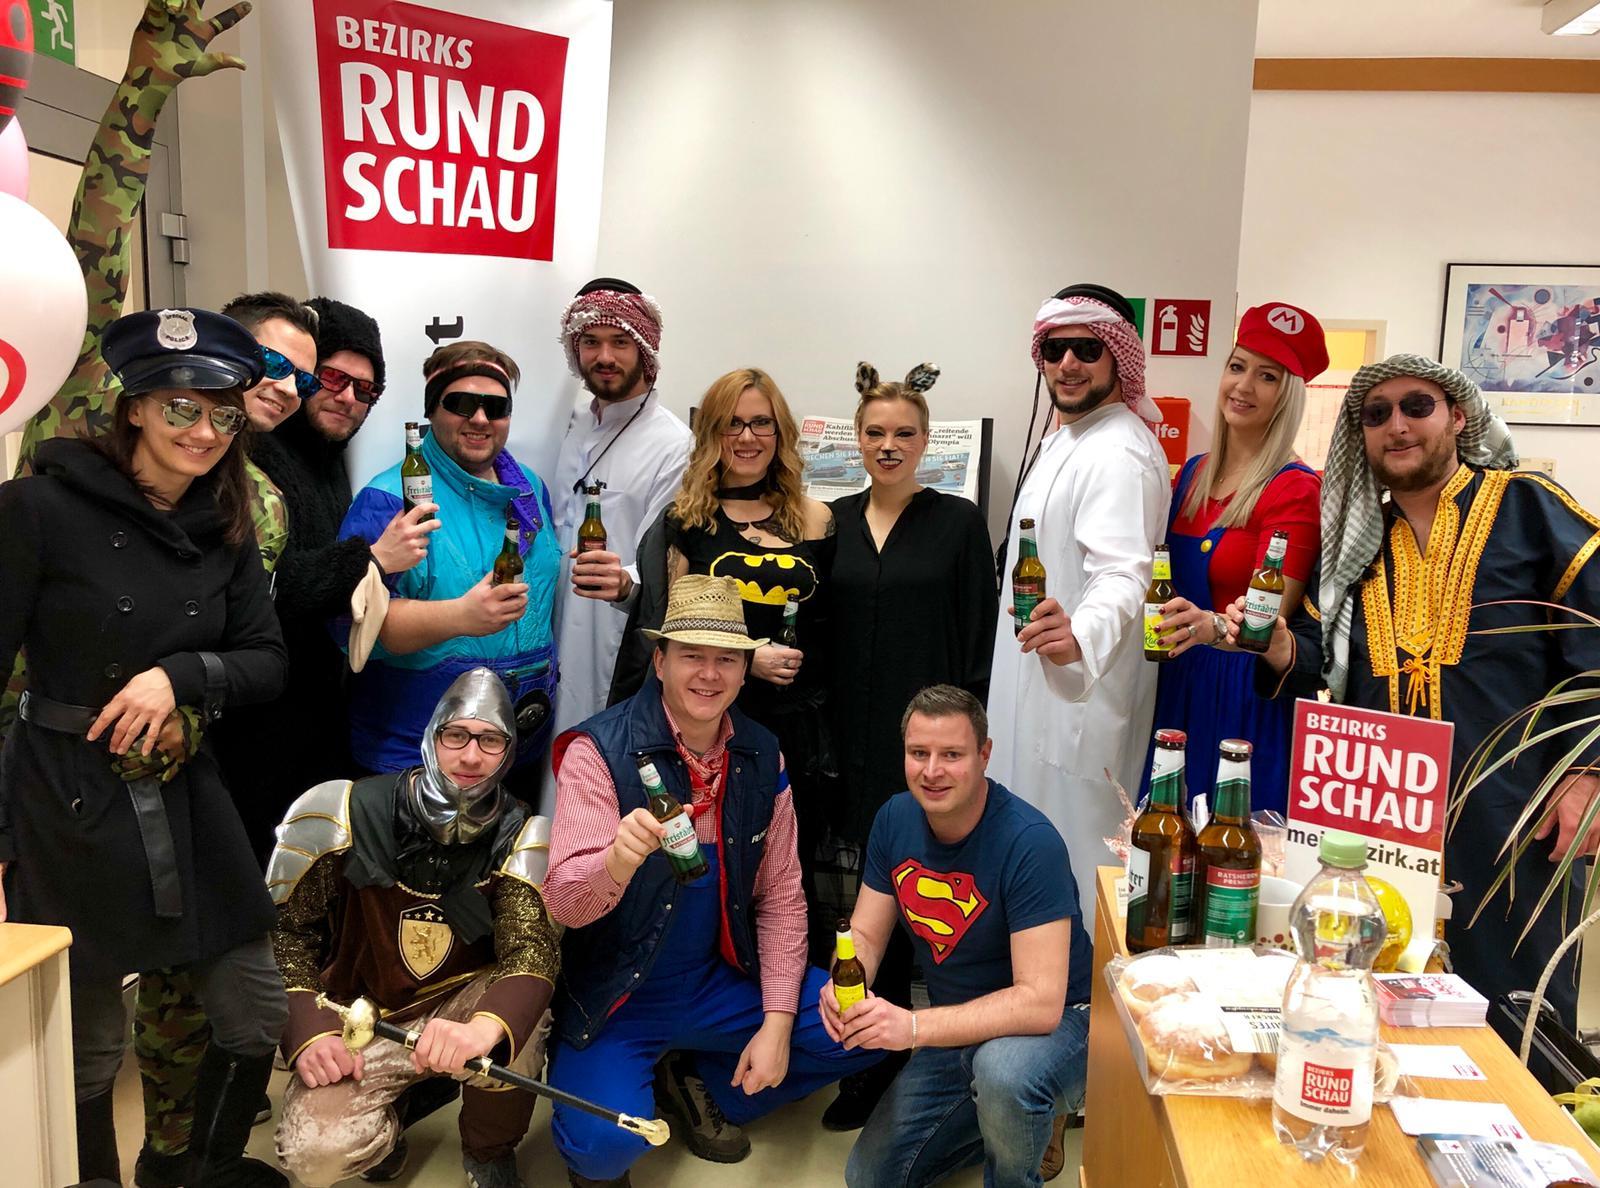 Fasching-in-Freistadt-2019-Vormittag-3-Rundschau-2